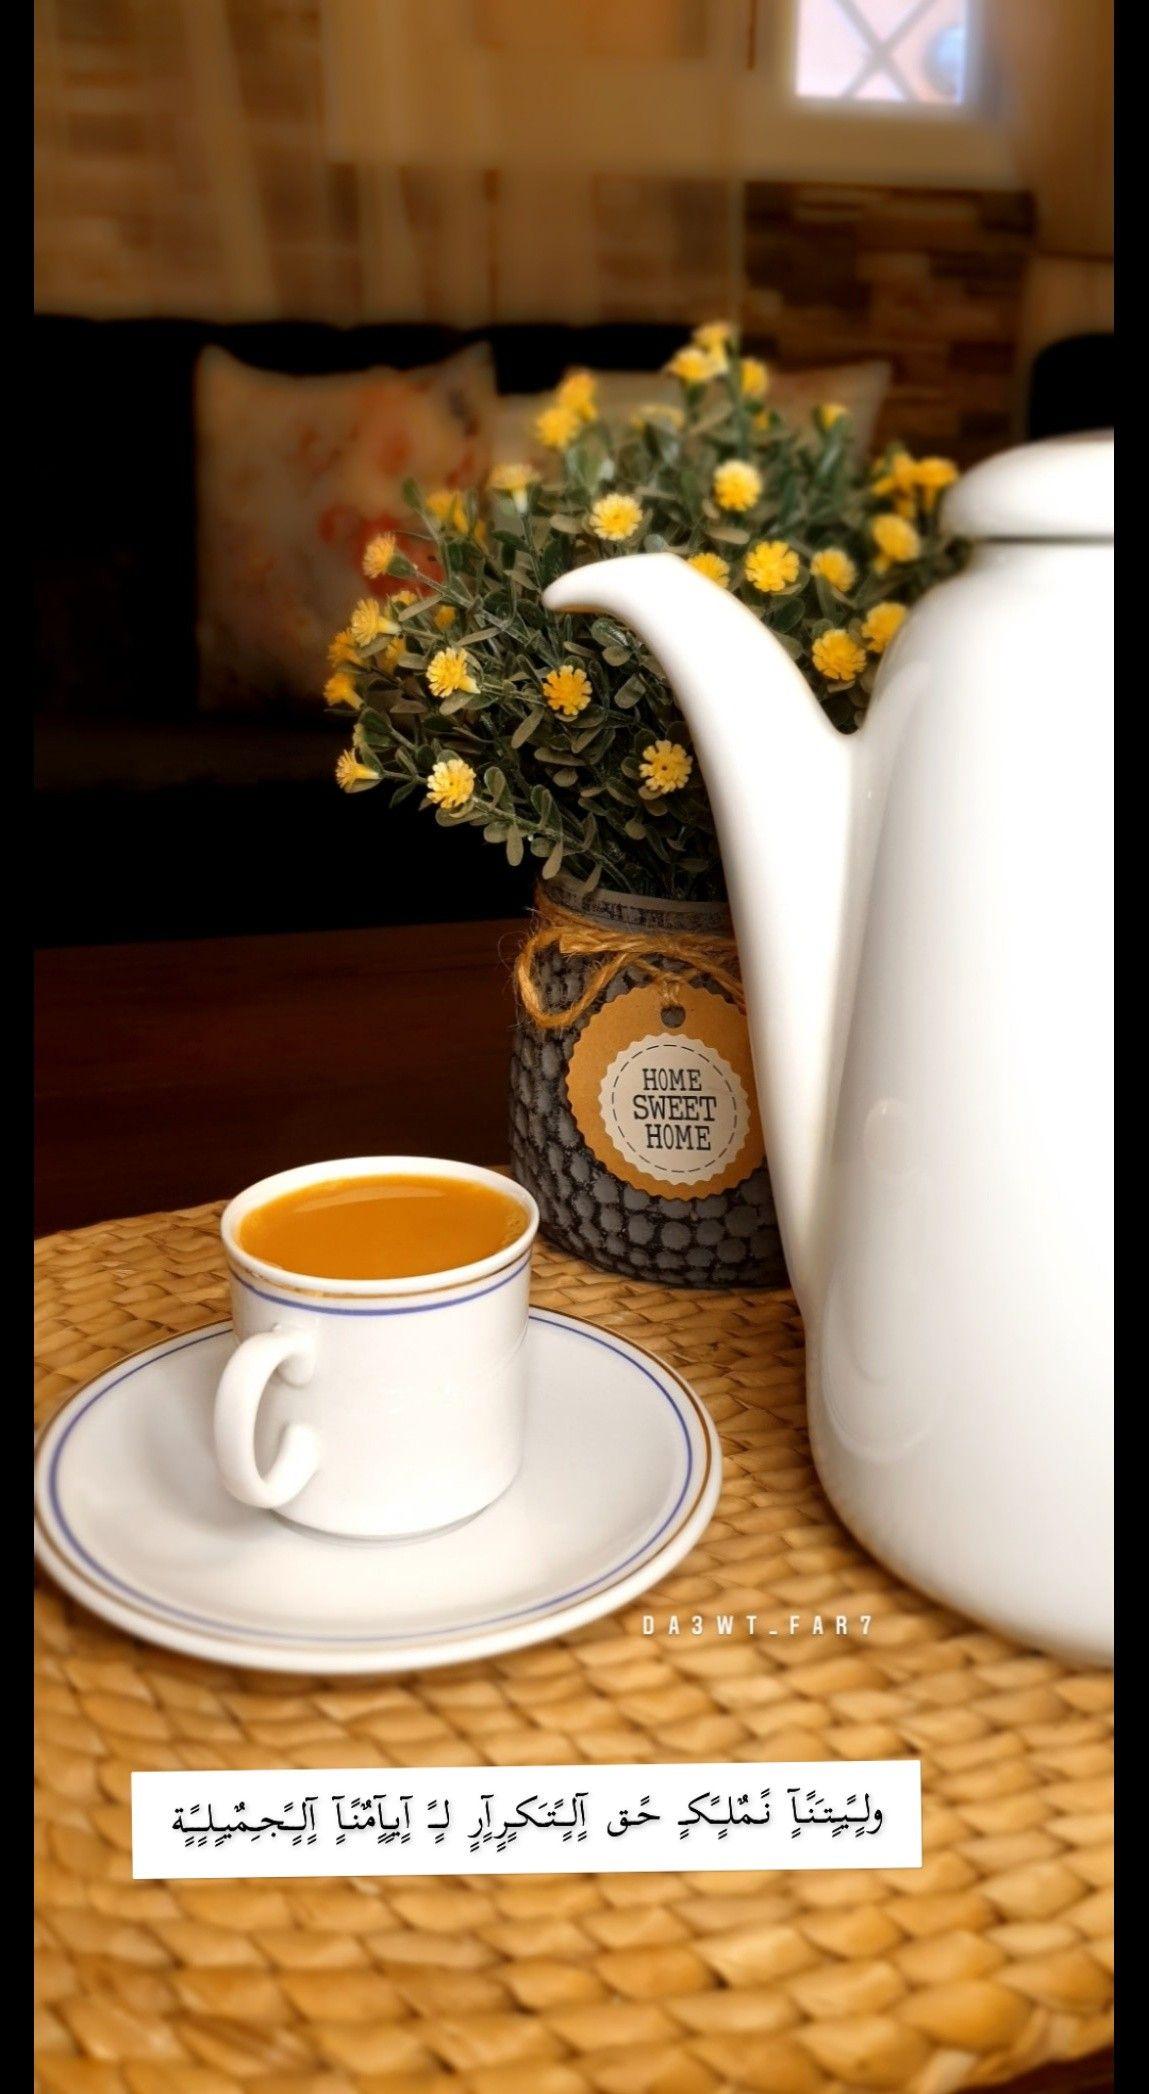 وليتنا نملك حق التكرار ل أيامنا الجميله Sweet Home Tea Pots Glassware